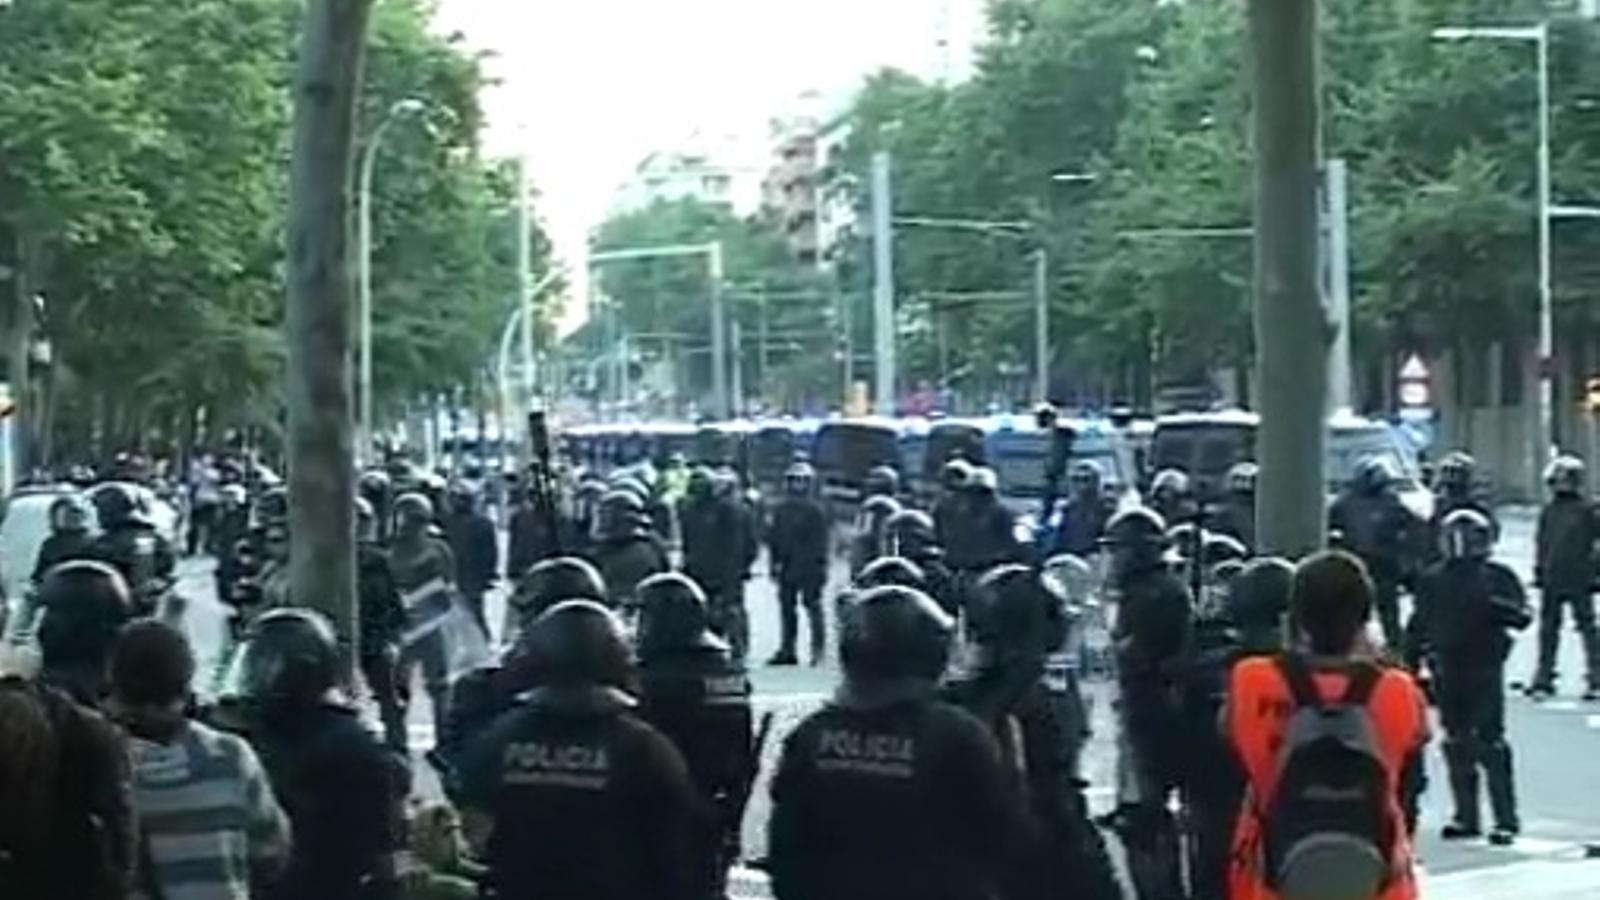 Escenes de tensió entre els manifestants i la policia a les portes del Parc de la Ciutadella